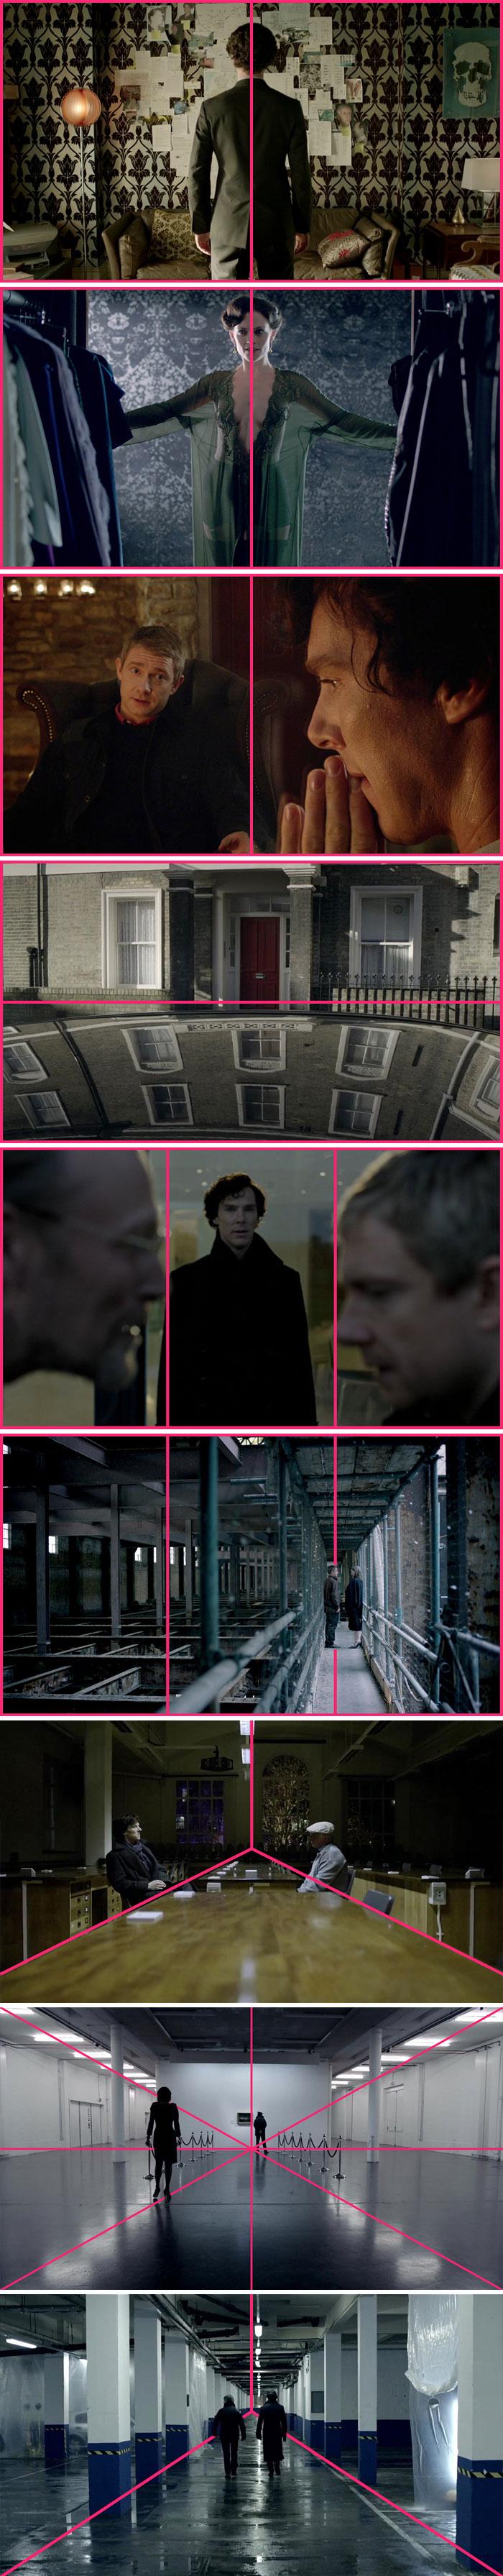 605da6476c1da film scenes composition lines raymond thi 64 605b356bd1080  700 - Regra dos terços ainda é muito usada na TV e no Cinema